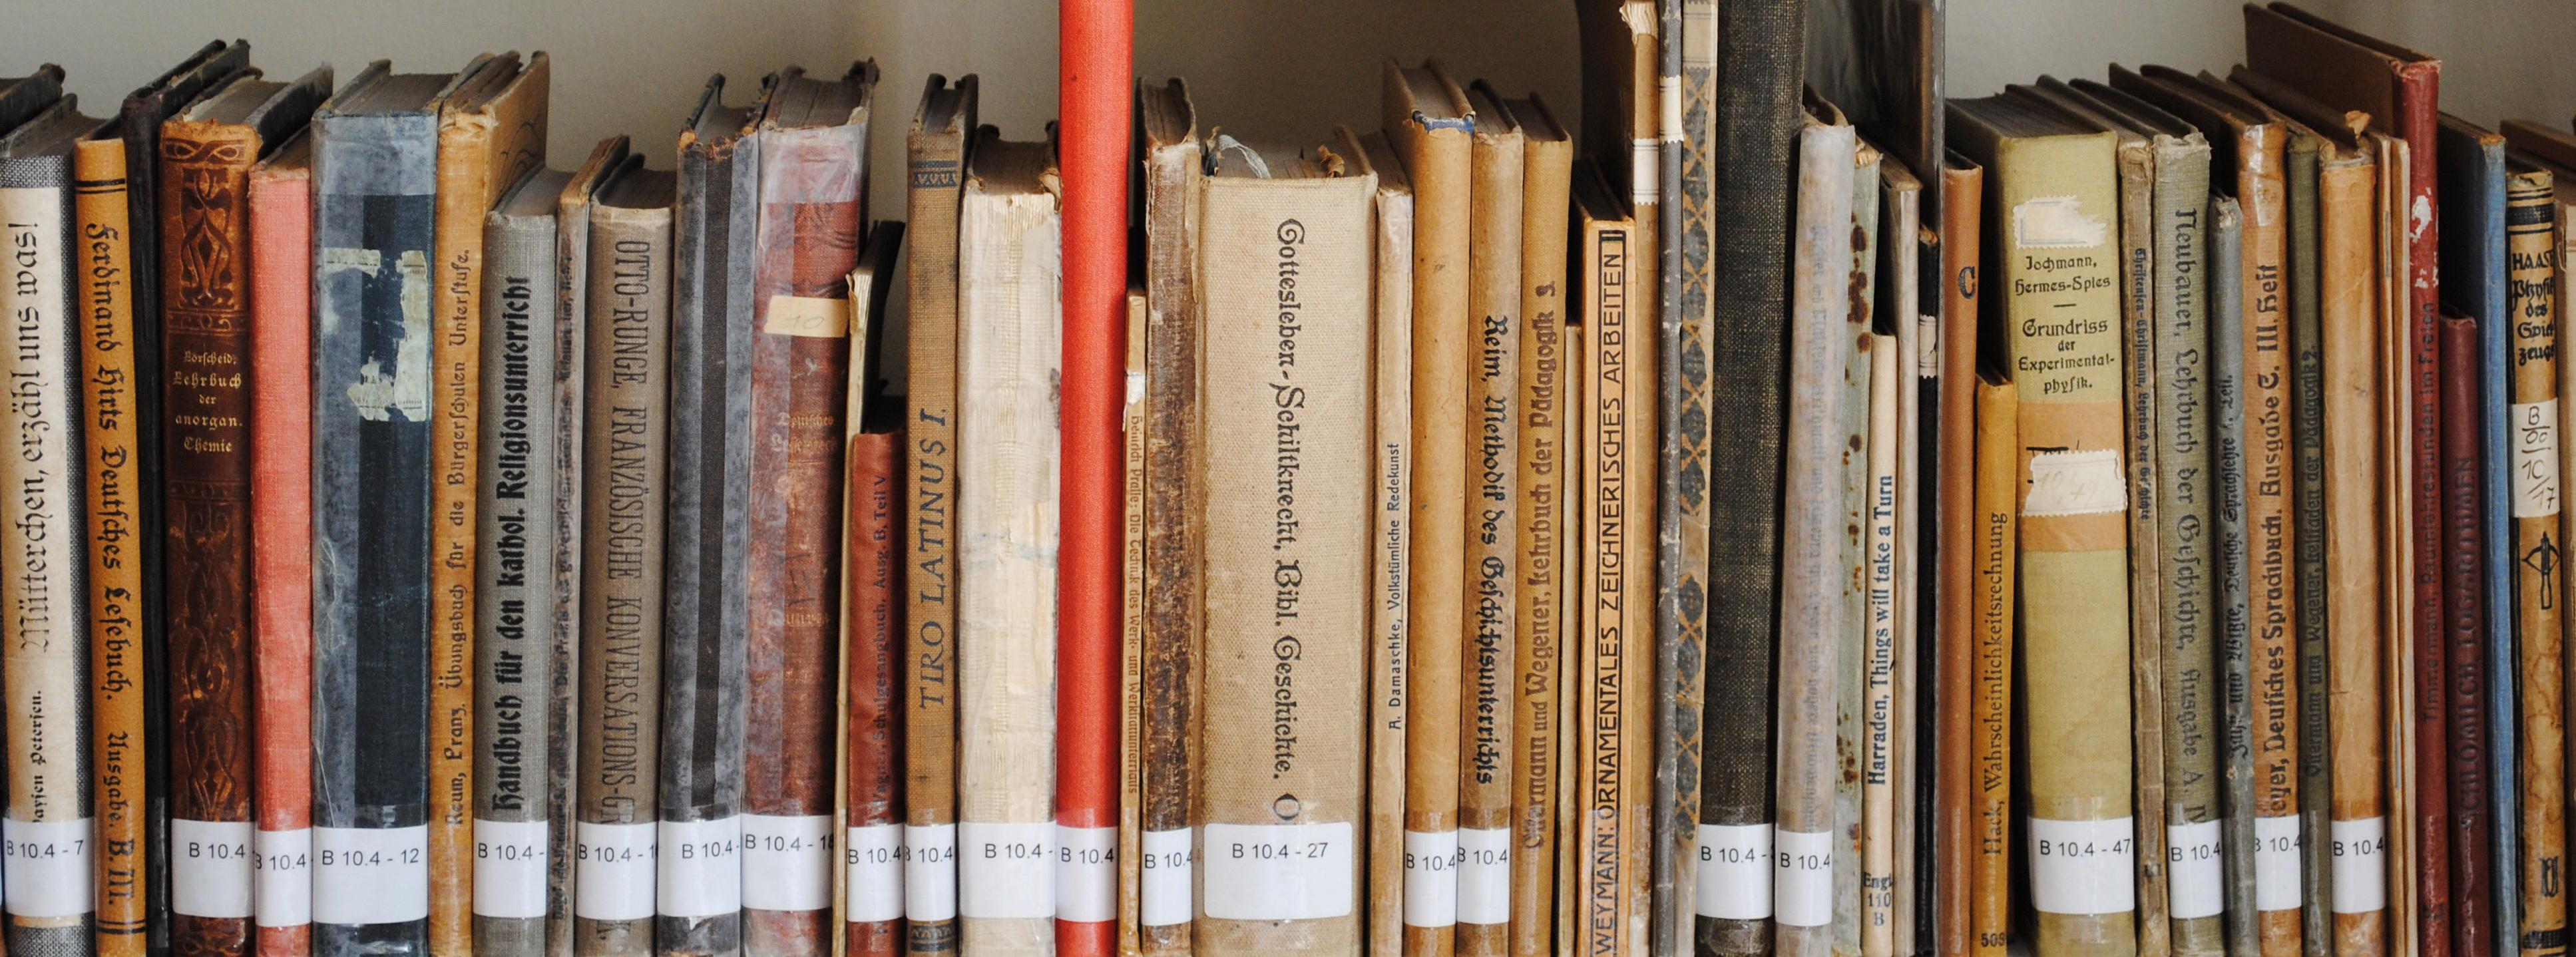 hier sehen Sie ein Bücherregal mit thematischen Beschriftungen